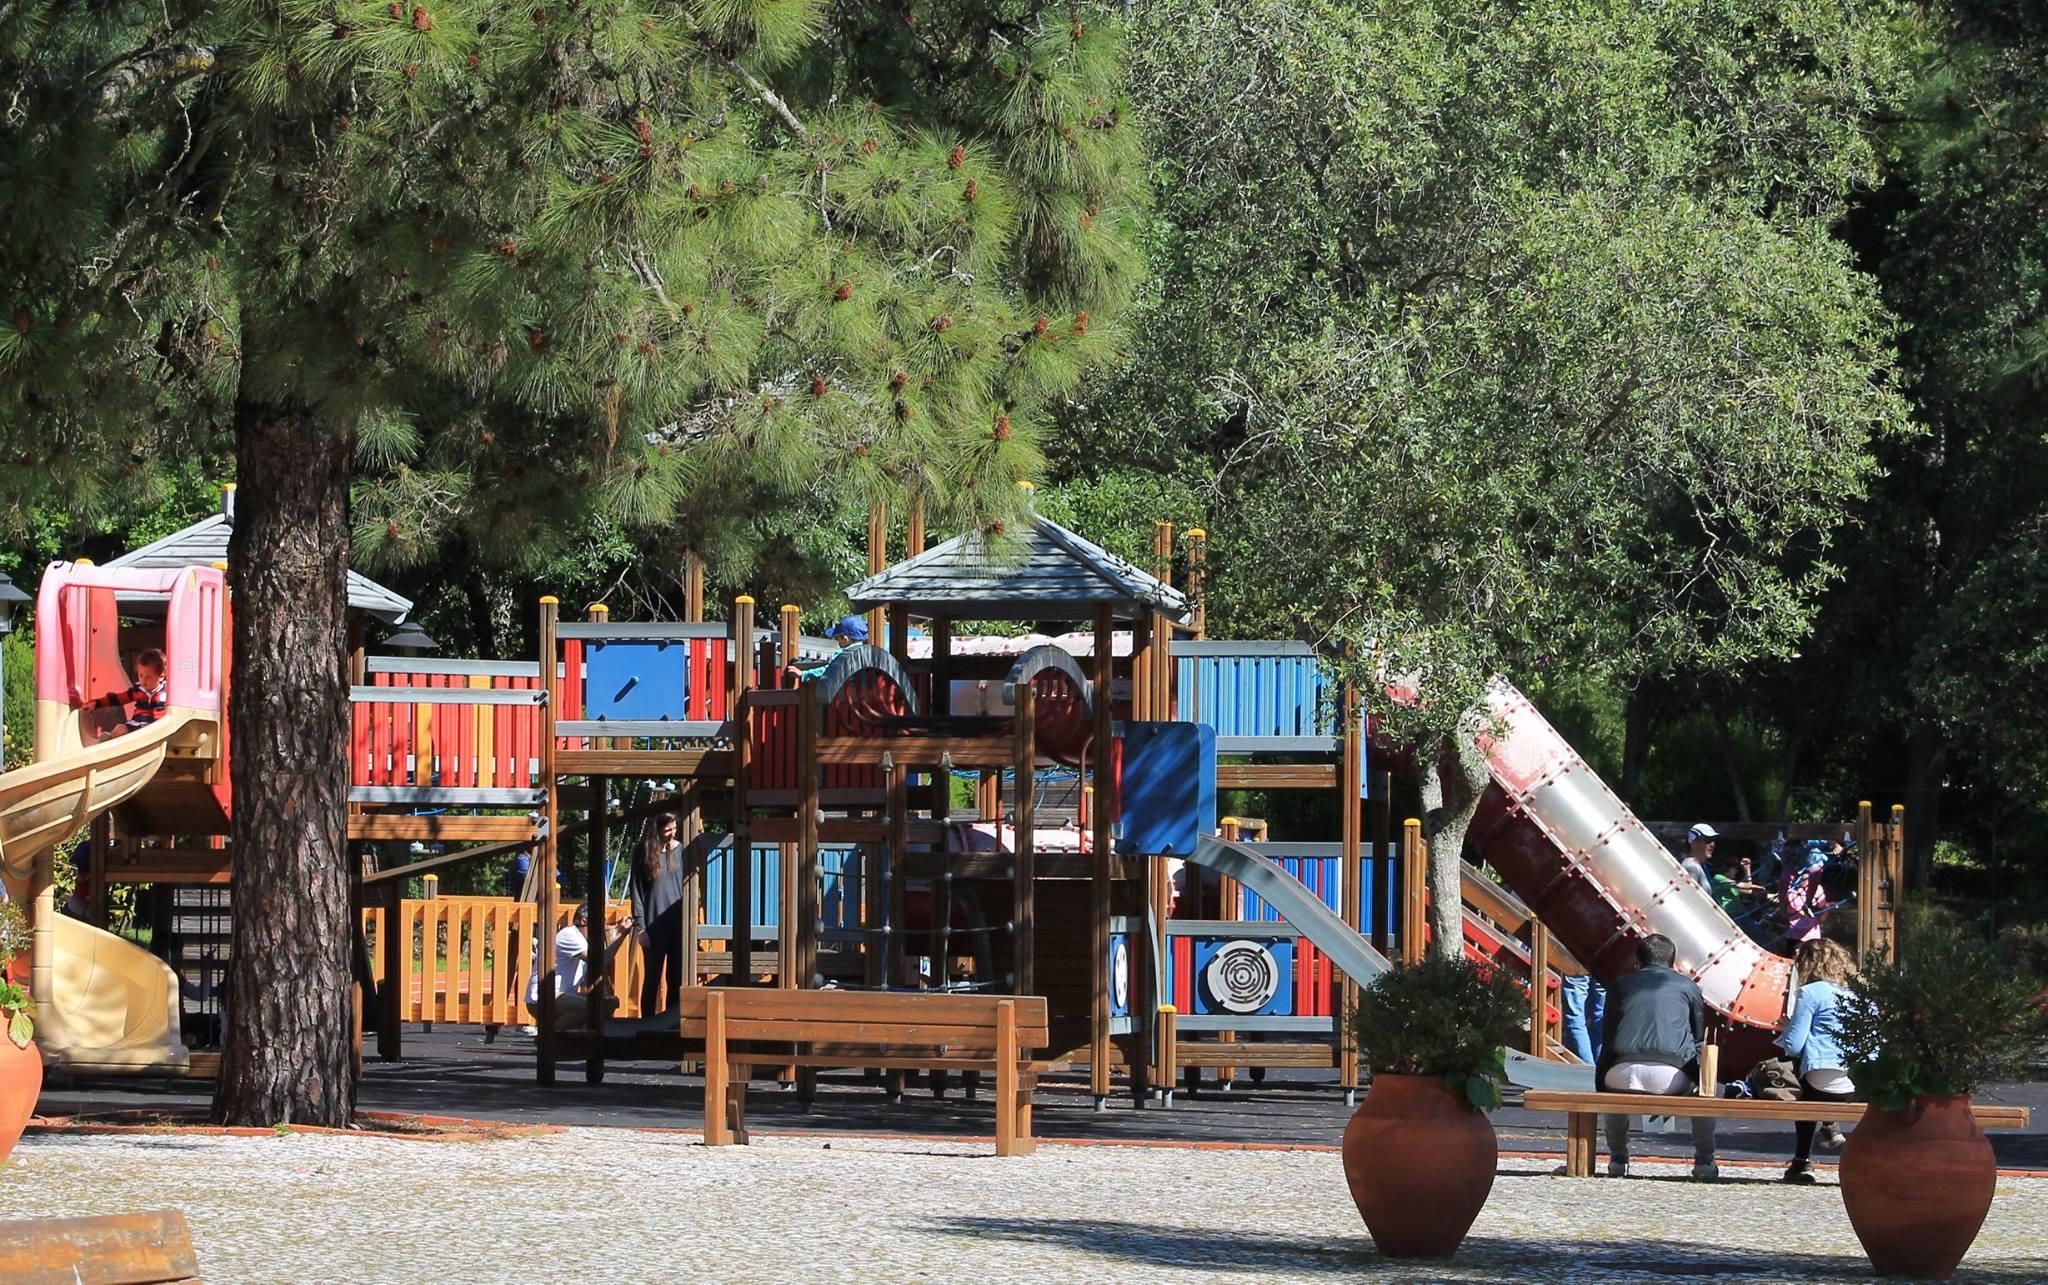 Parque Recreativo do Alvito onde entre outras atividades, as crianças podem brincar no espaço de jogo e recreio.